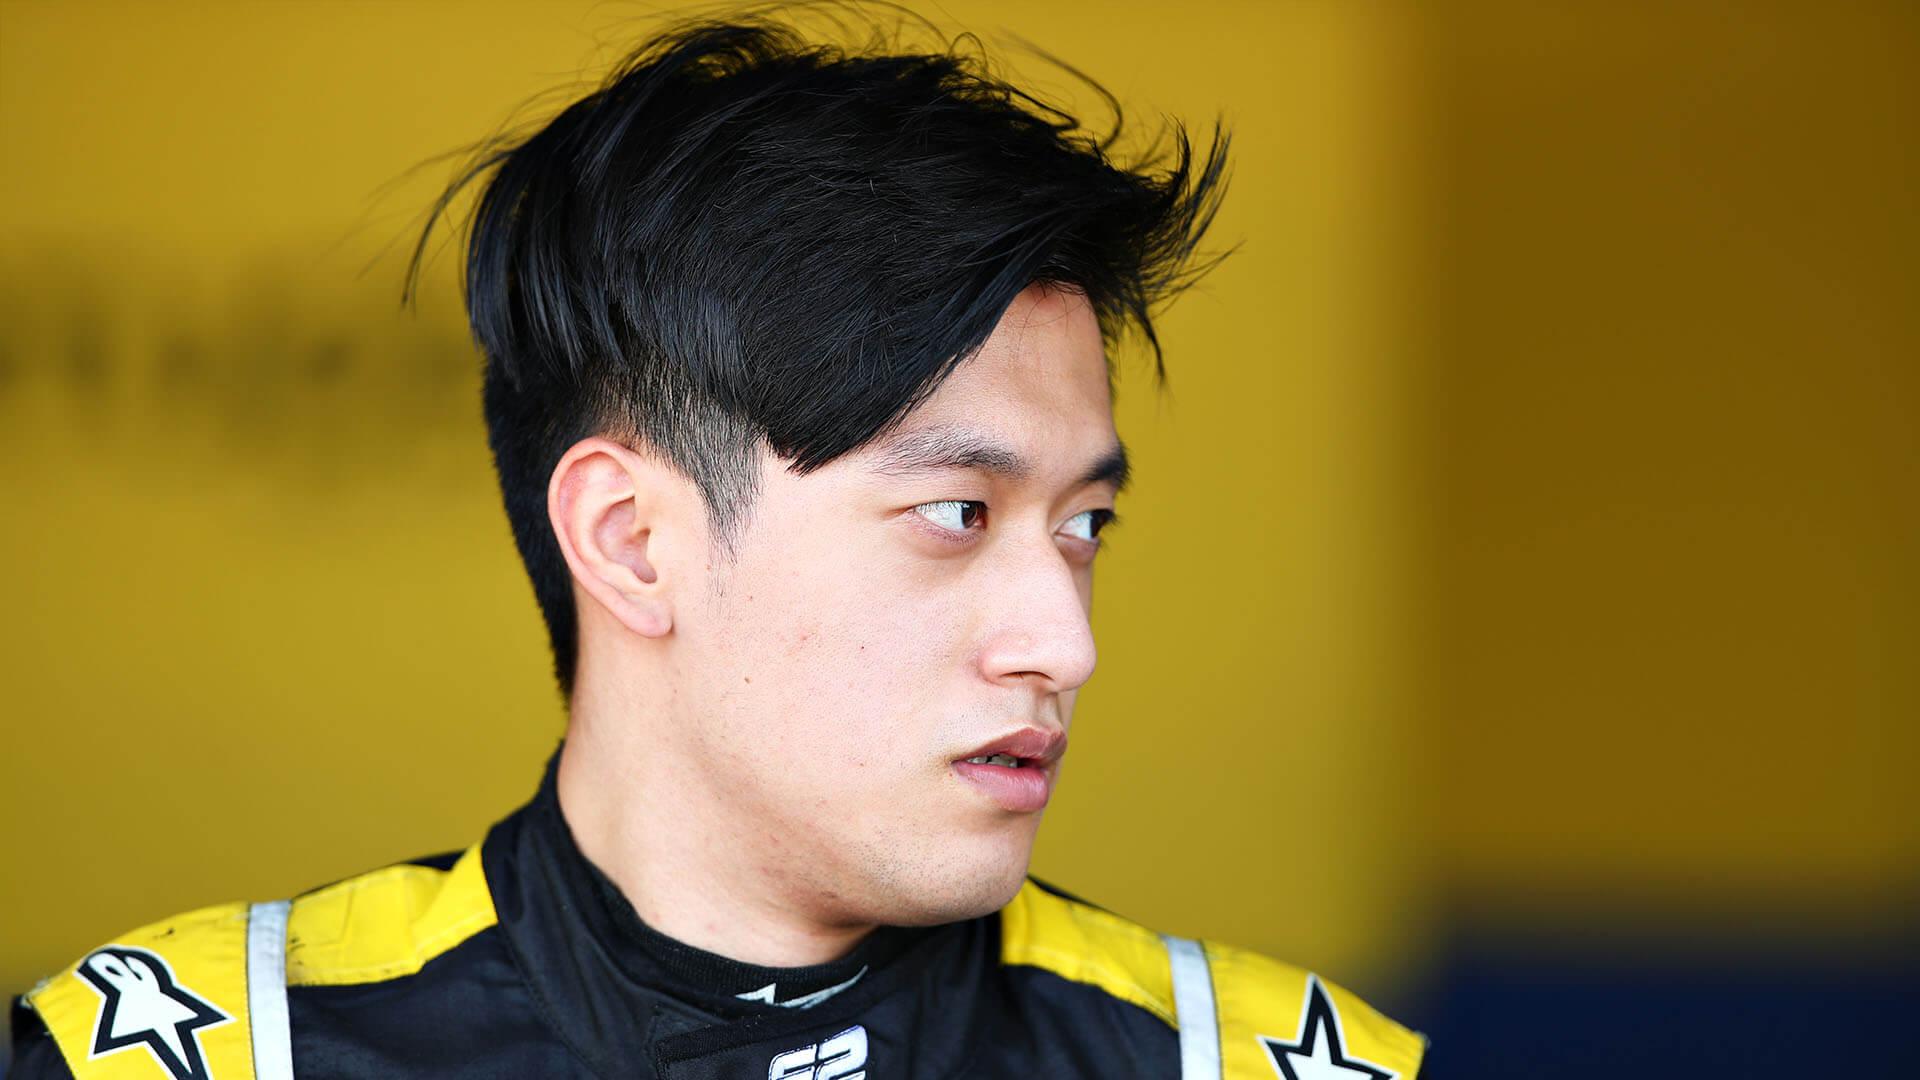 Guanyu Zhou será piloto de Alfa Romeo en 2022, reportan en Reino Unido